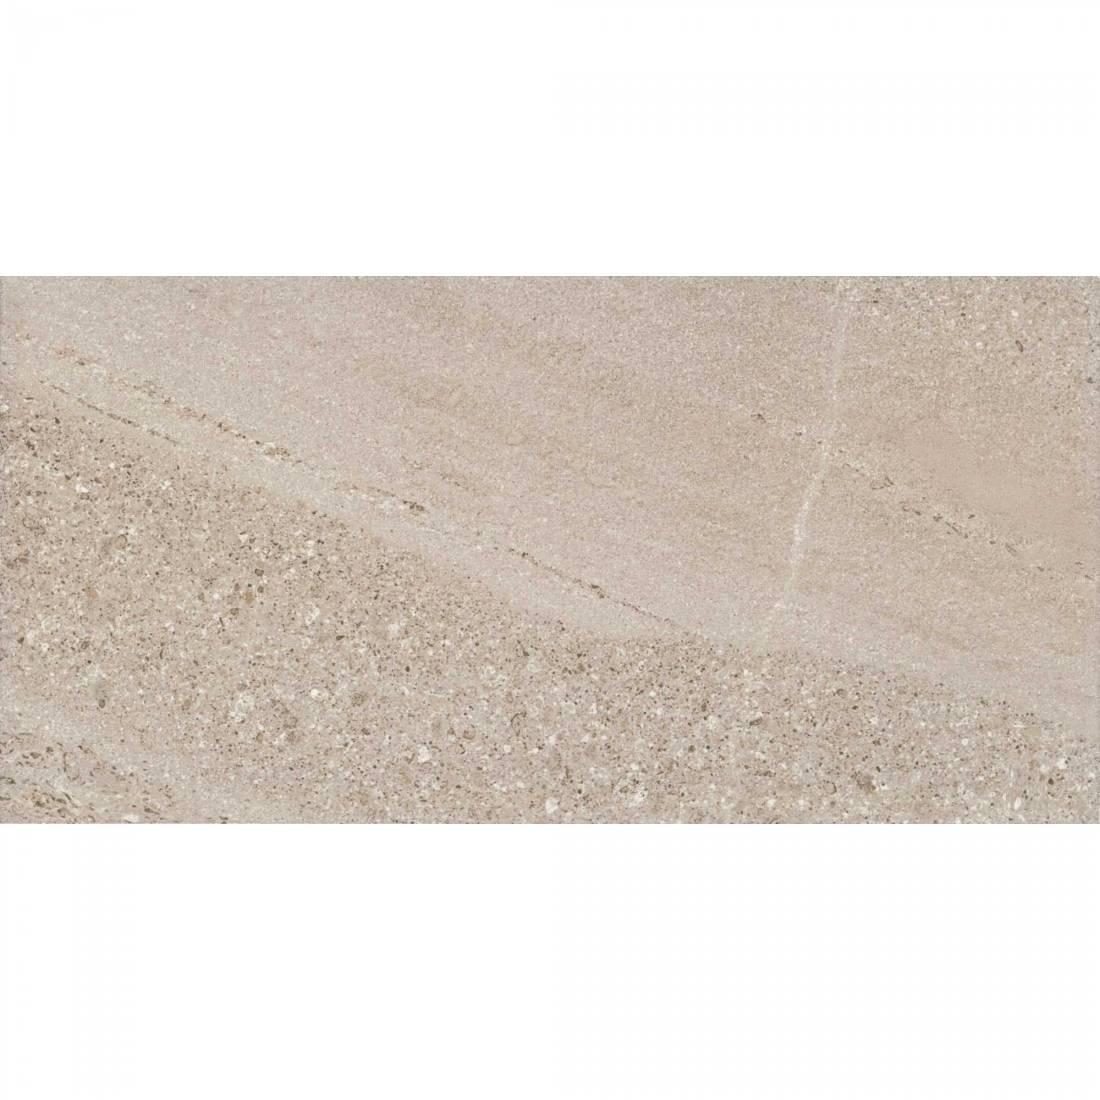 Balance 30x60 Sand Polished 1